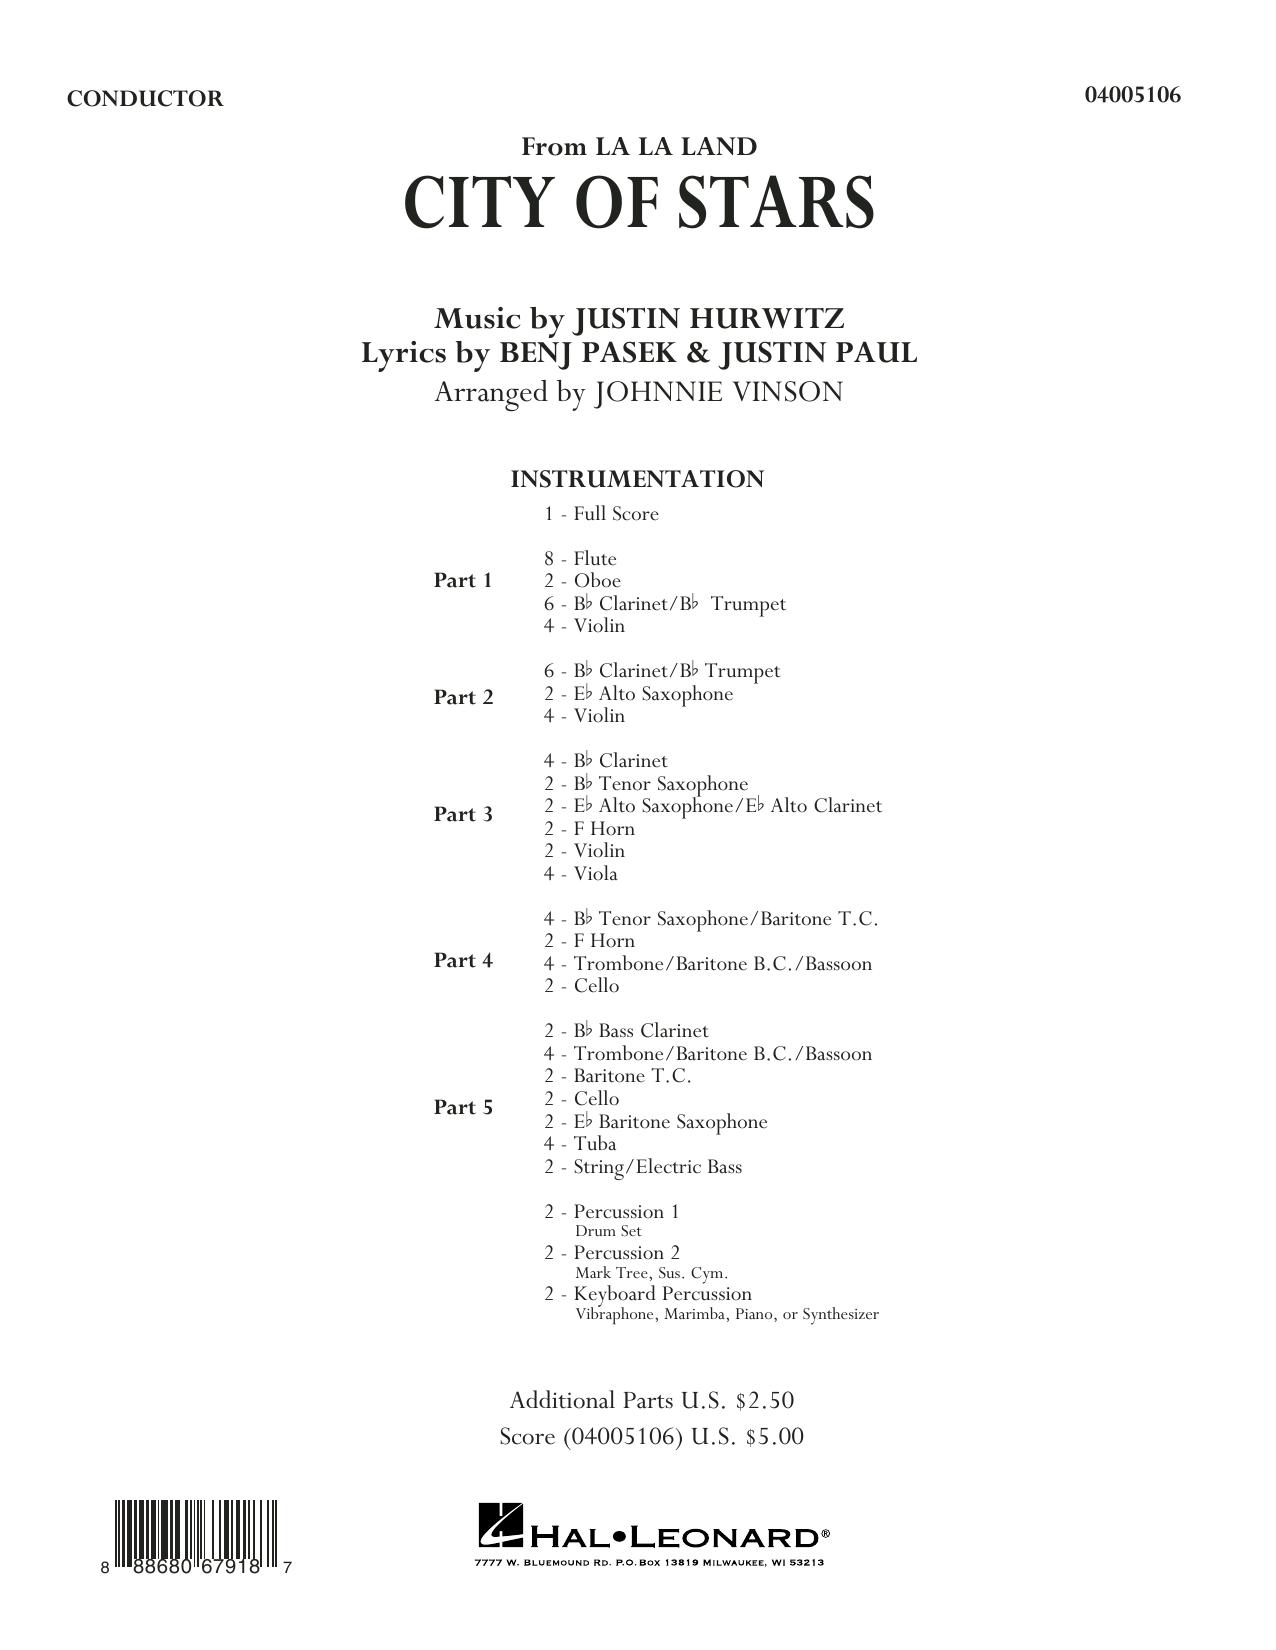 City of Stars (from La La Land) - Conductor Score (Full Score) Sheet Music